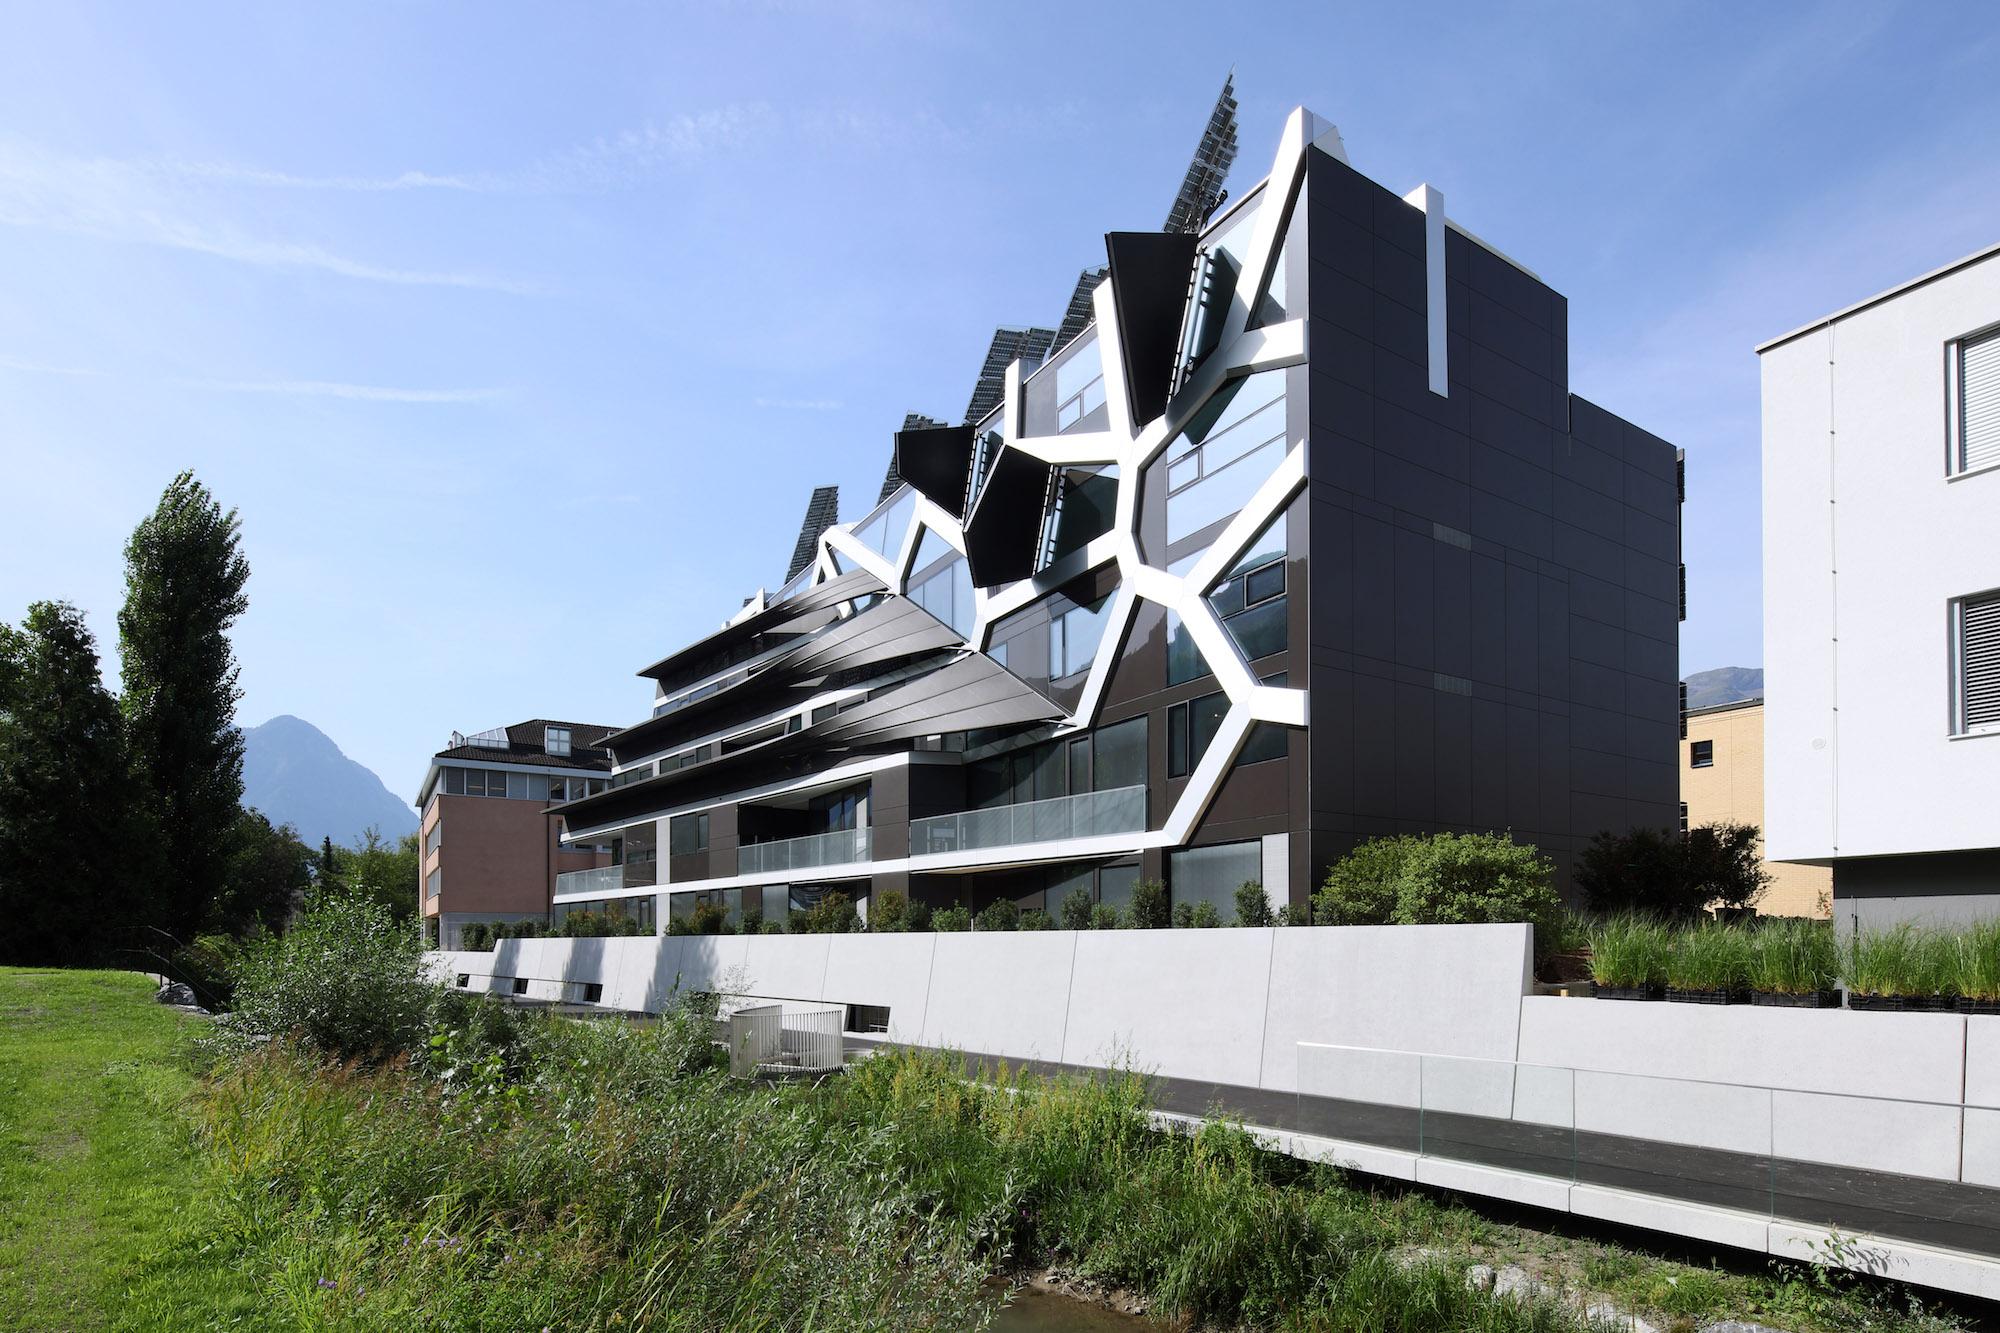 Superior Vom Nachhaltigen Bauen Gibt Es Unterschiedliche Vorstellungen. Manche  Architekten Denken Dabei An Häuser Aus Traditionellen, Nachwachsenden  Rohstoffen, ...